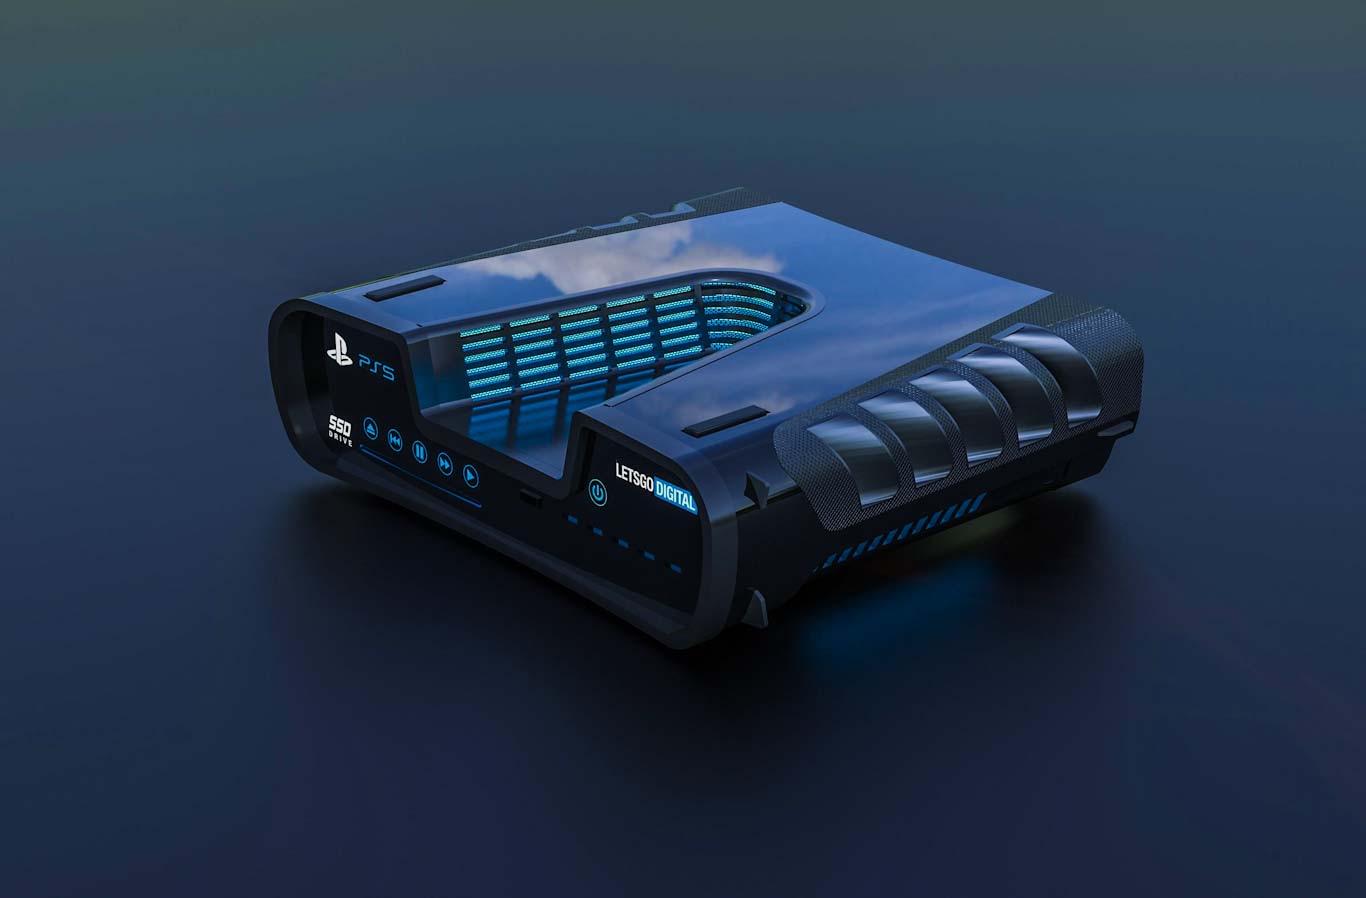 Bizarre PS5 devkit patent gets a cool sci-fi 3D render 3